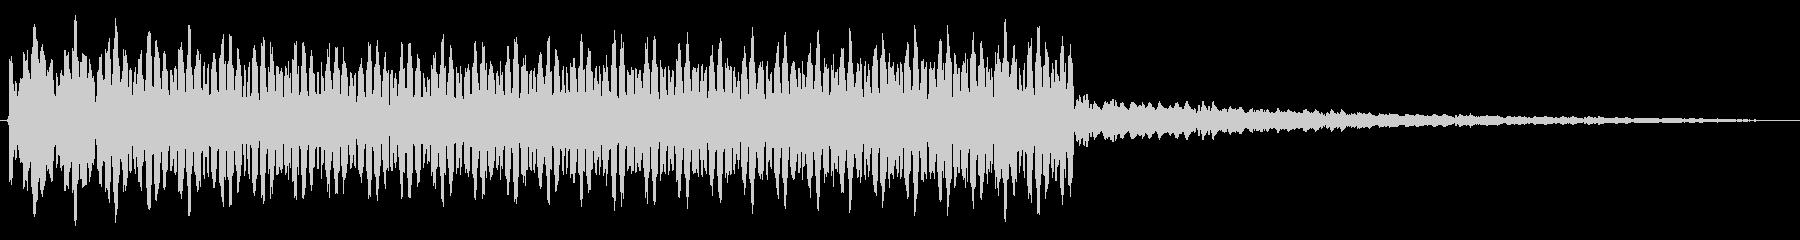 ピューン、ウィーン(メーター上昇音)3の未再生の波形